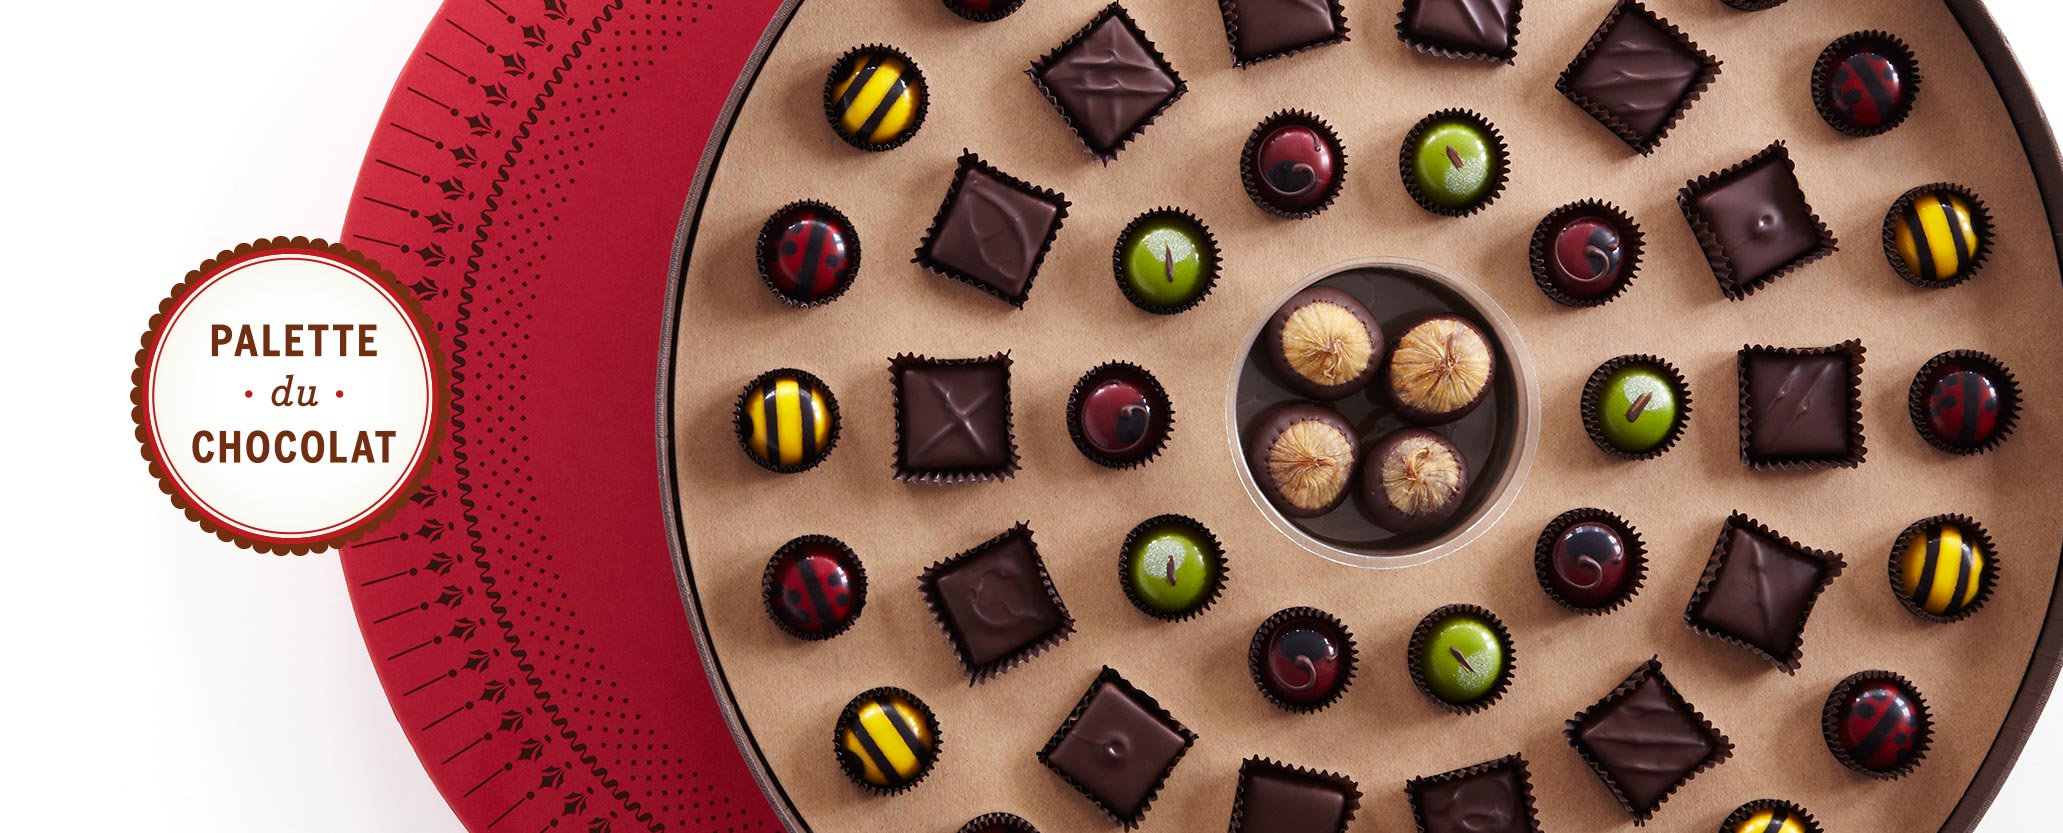 Palette du Chocolat